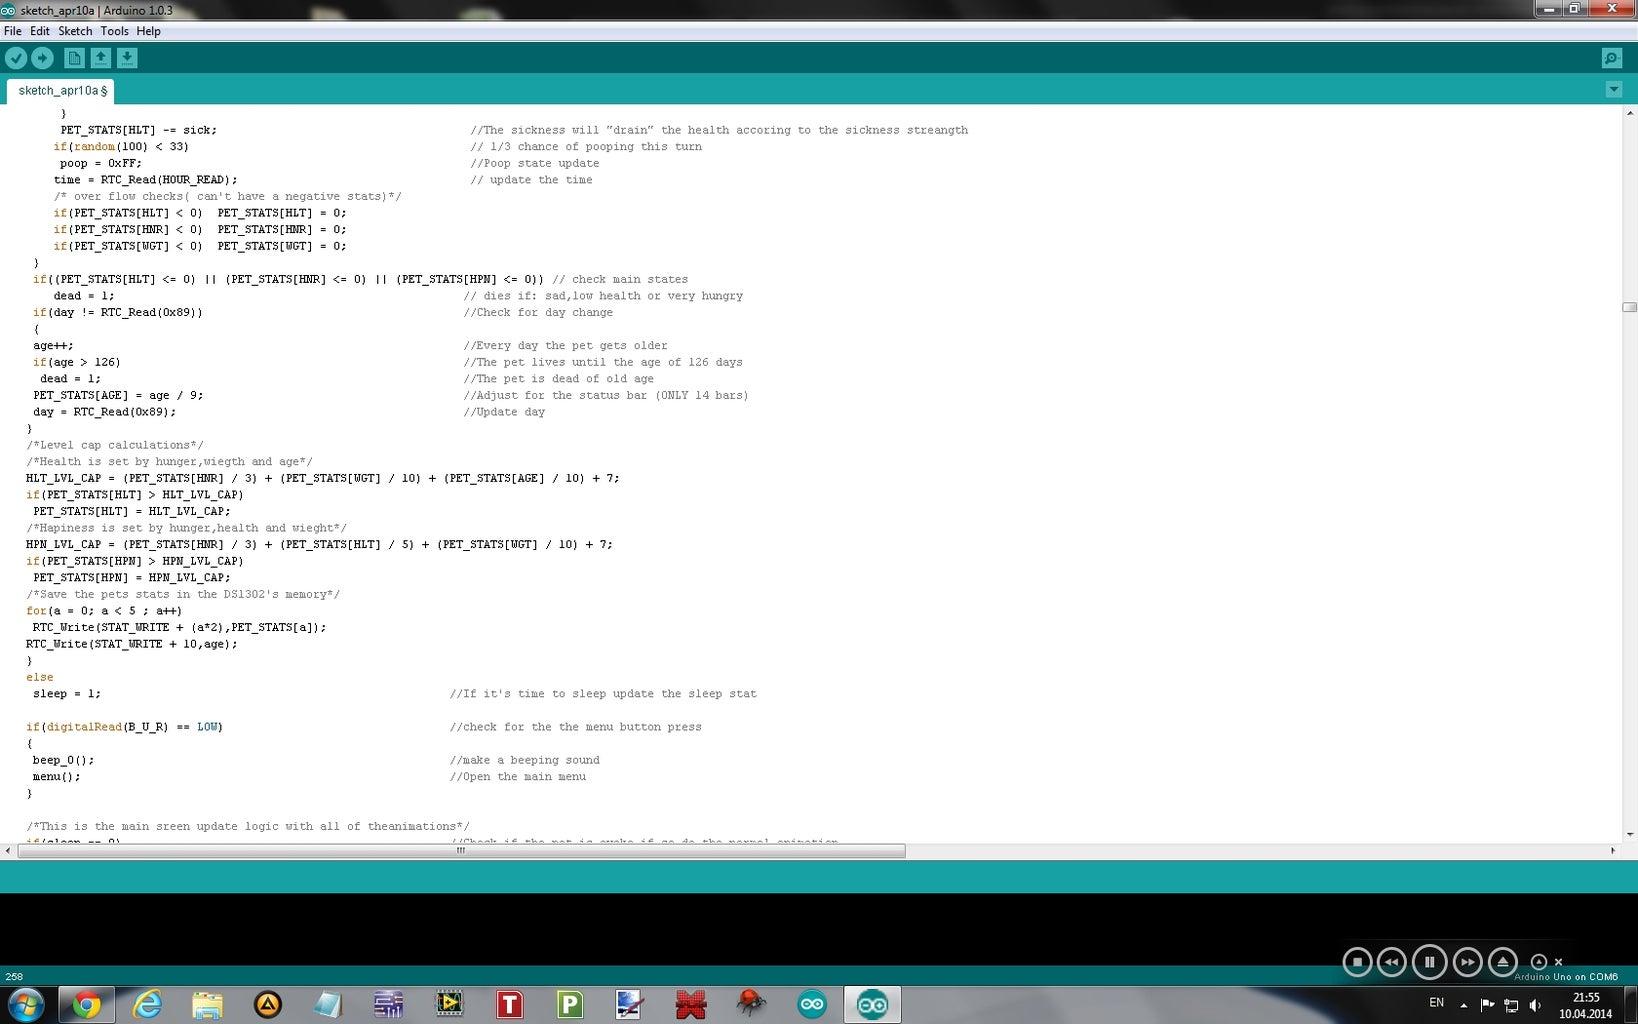 Software: Final Code